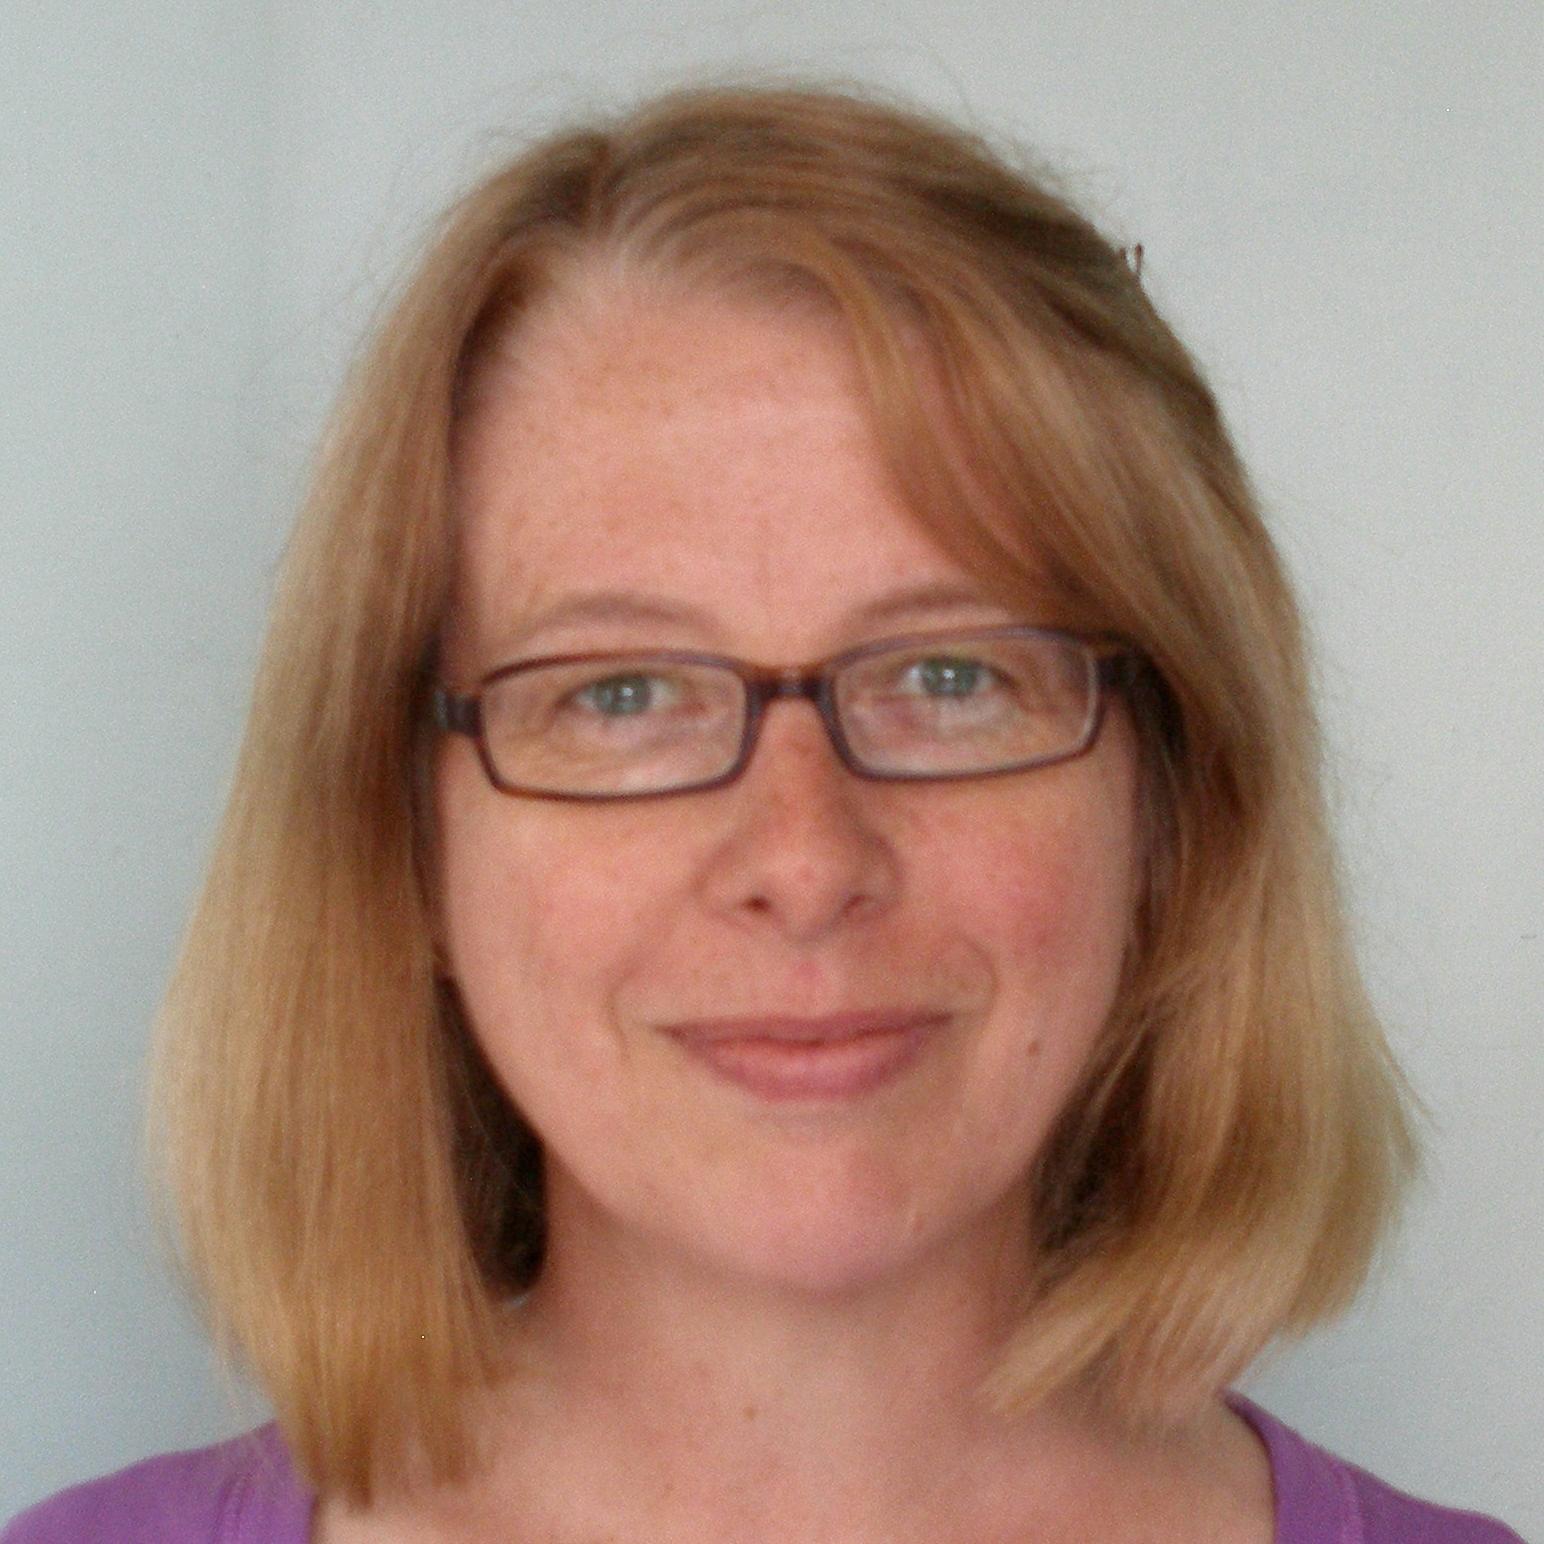 Gabrielle Hoad